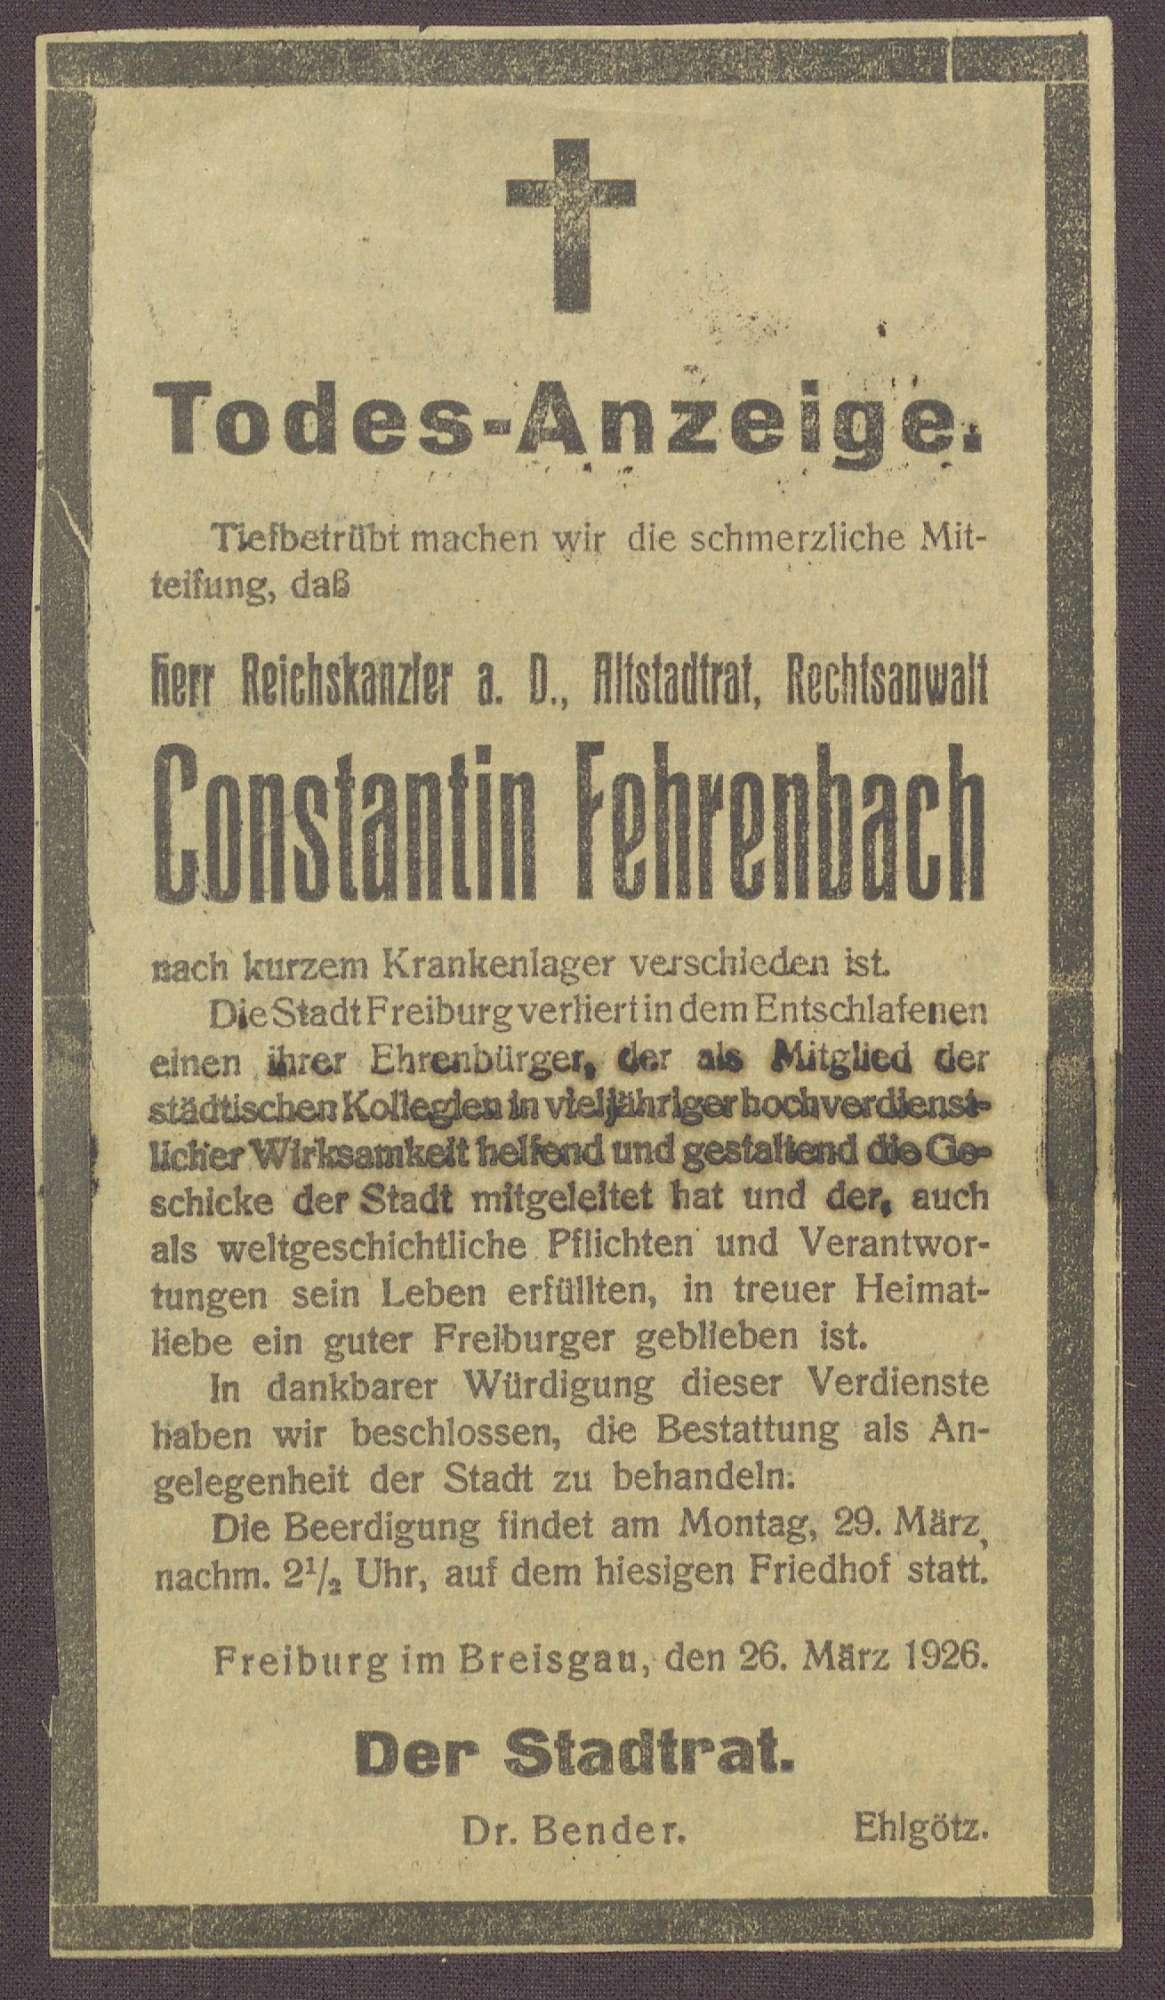 Beileidskundgebungen zum Tod von Constantin Fehrenbach, Bild 2